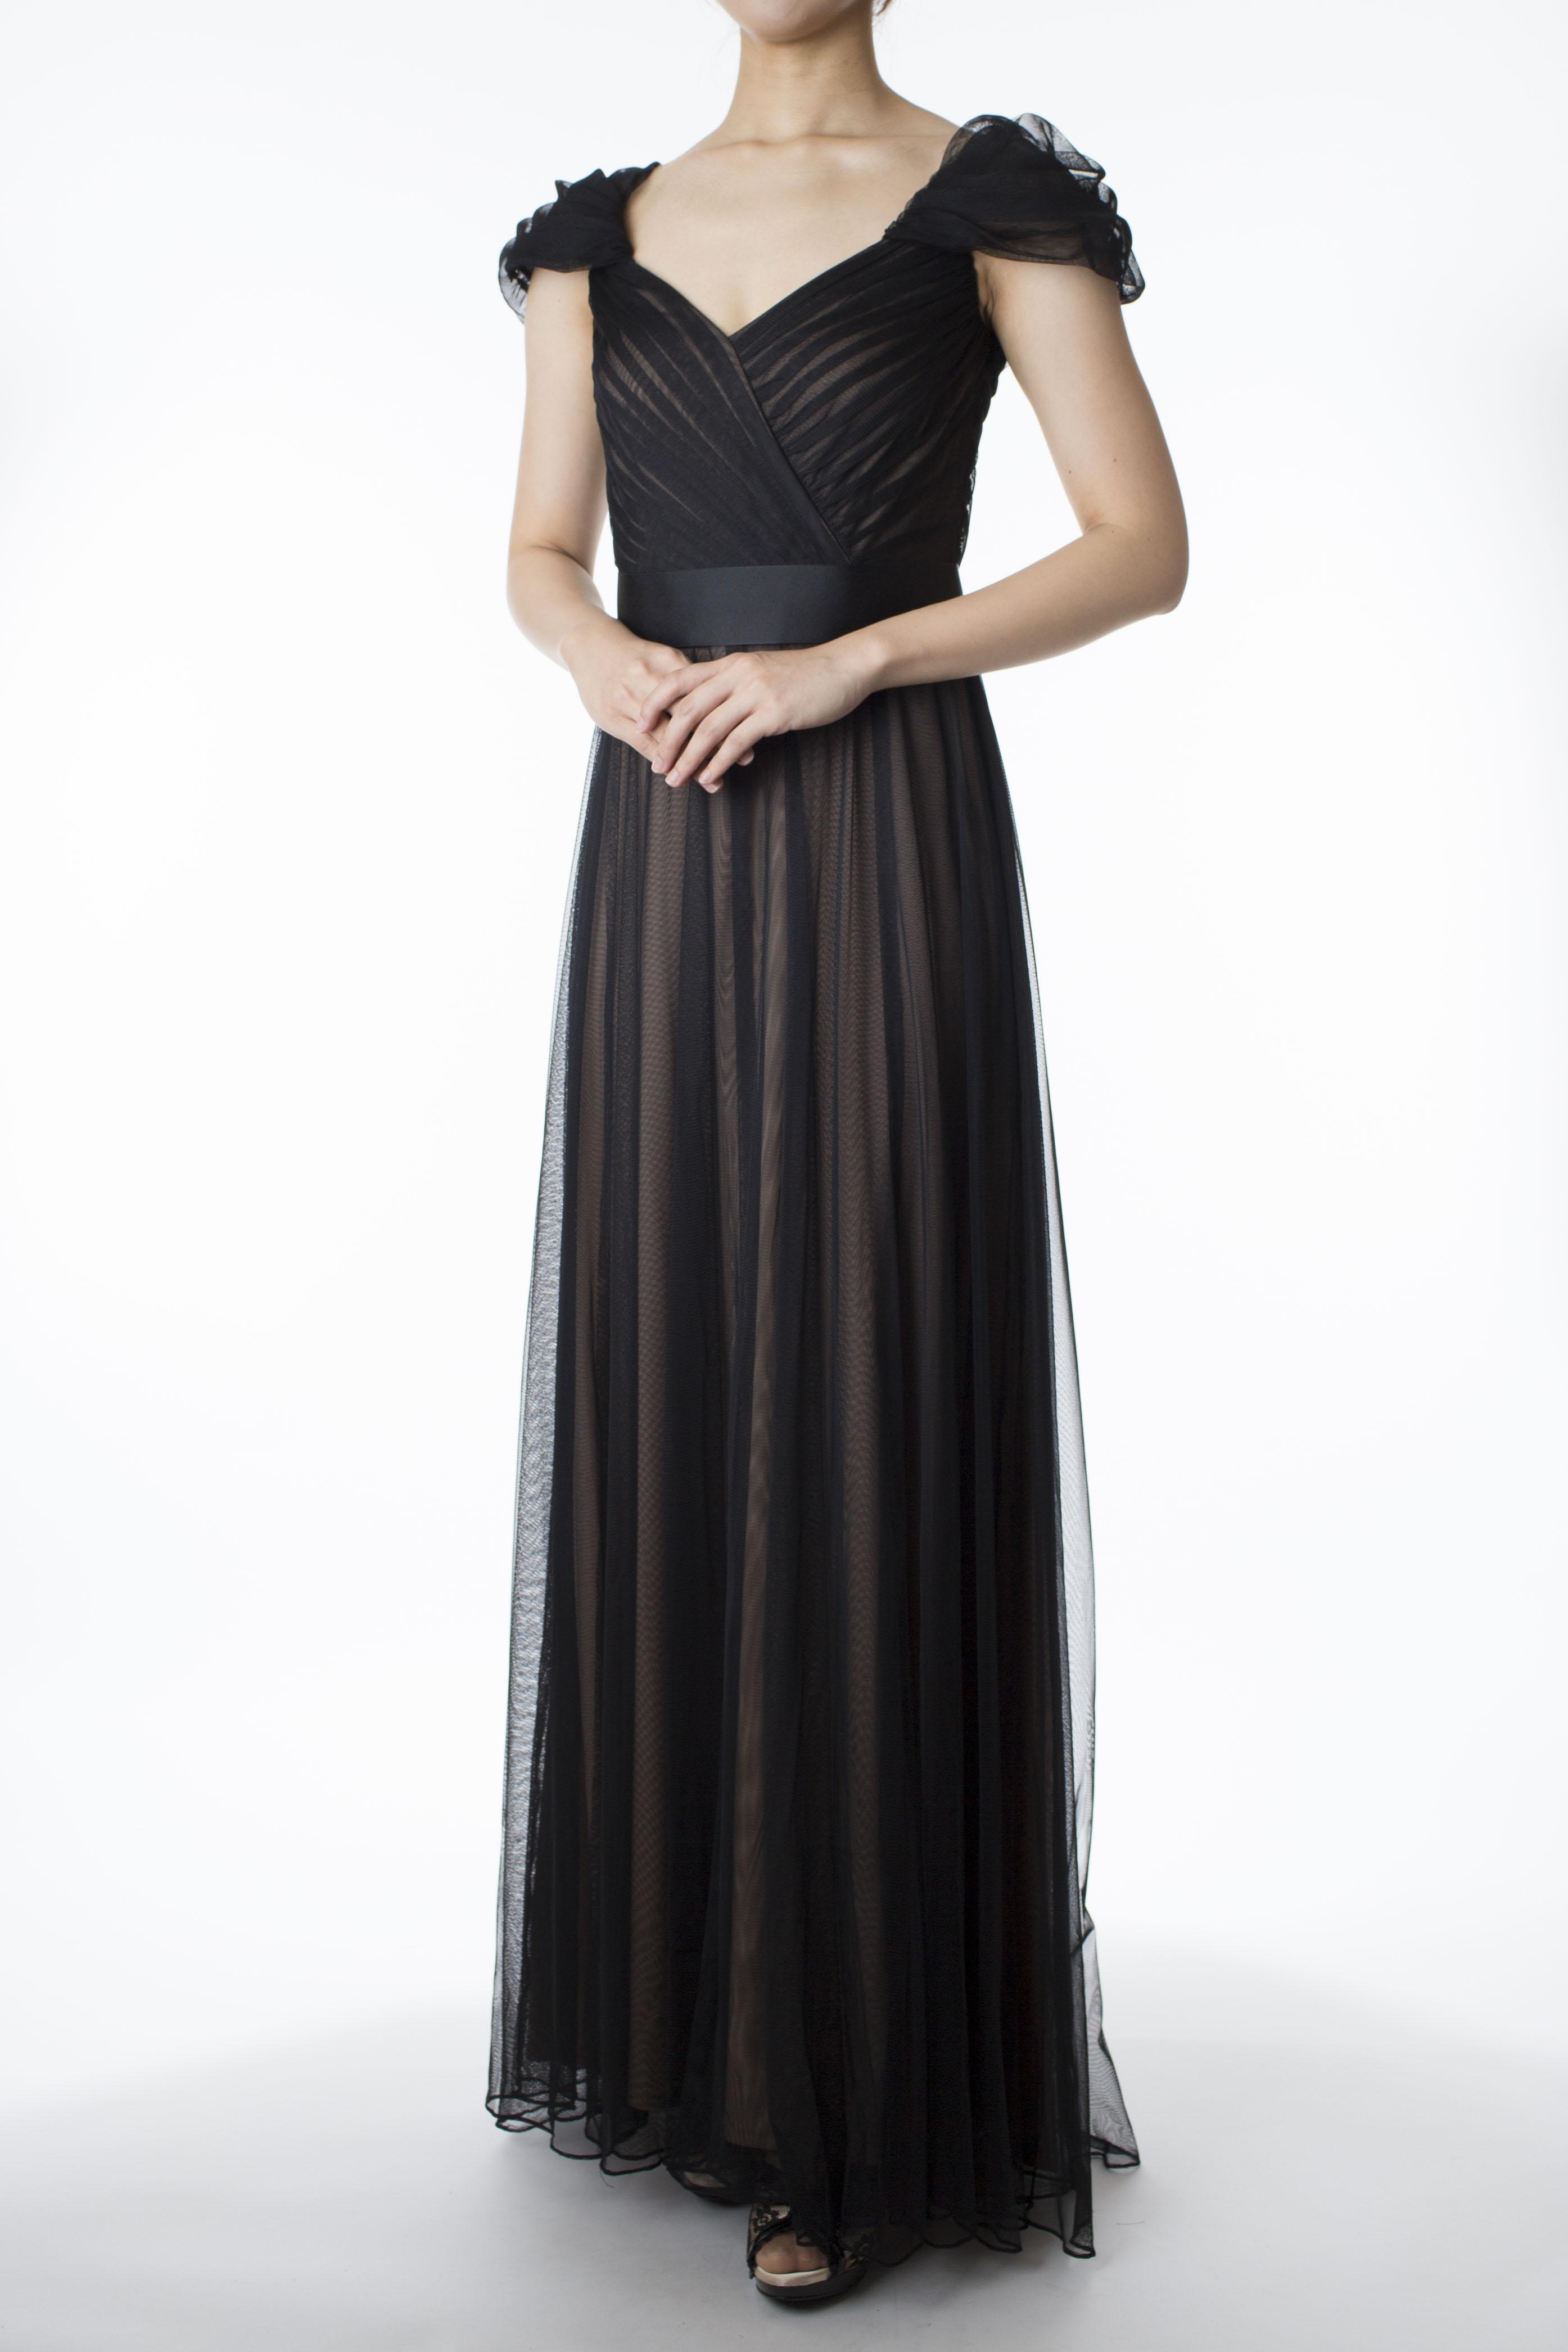 e9fa791ded377 元宝塚トップスター蘭寿とむさんのソロライブにドレスを提供いたしました。